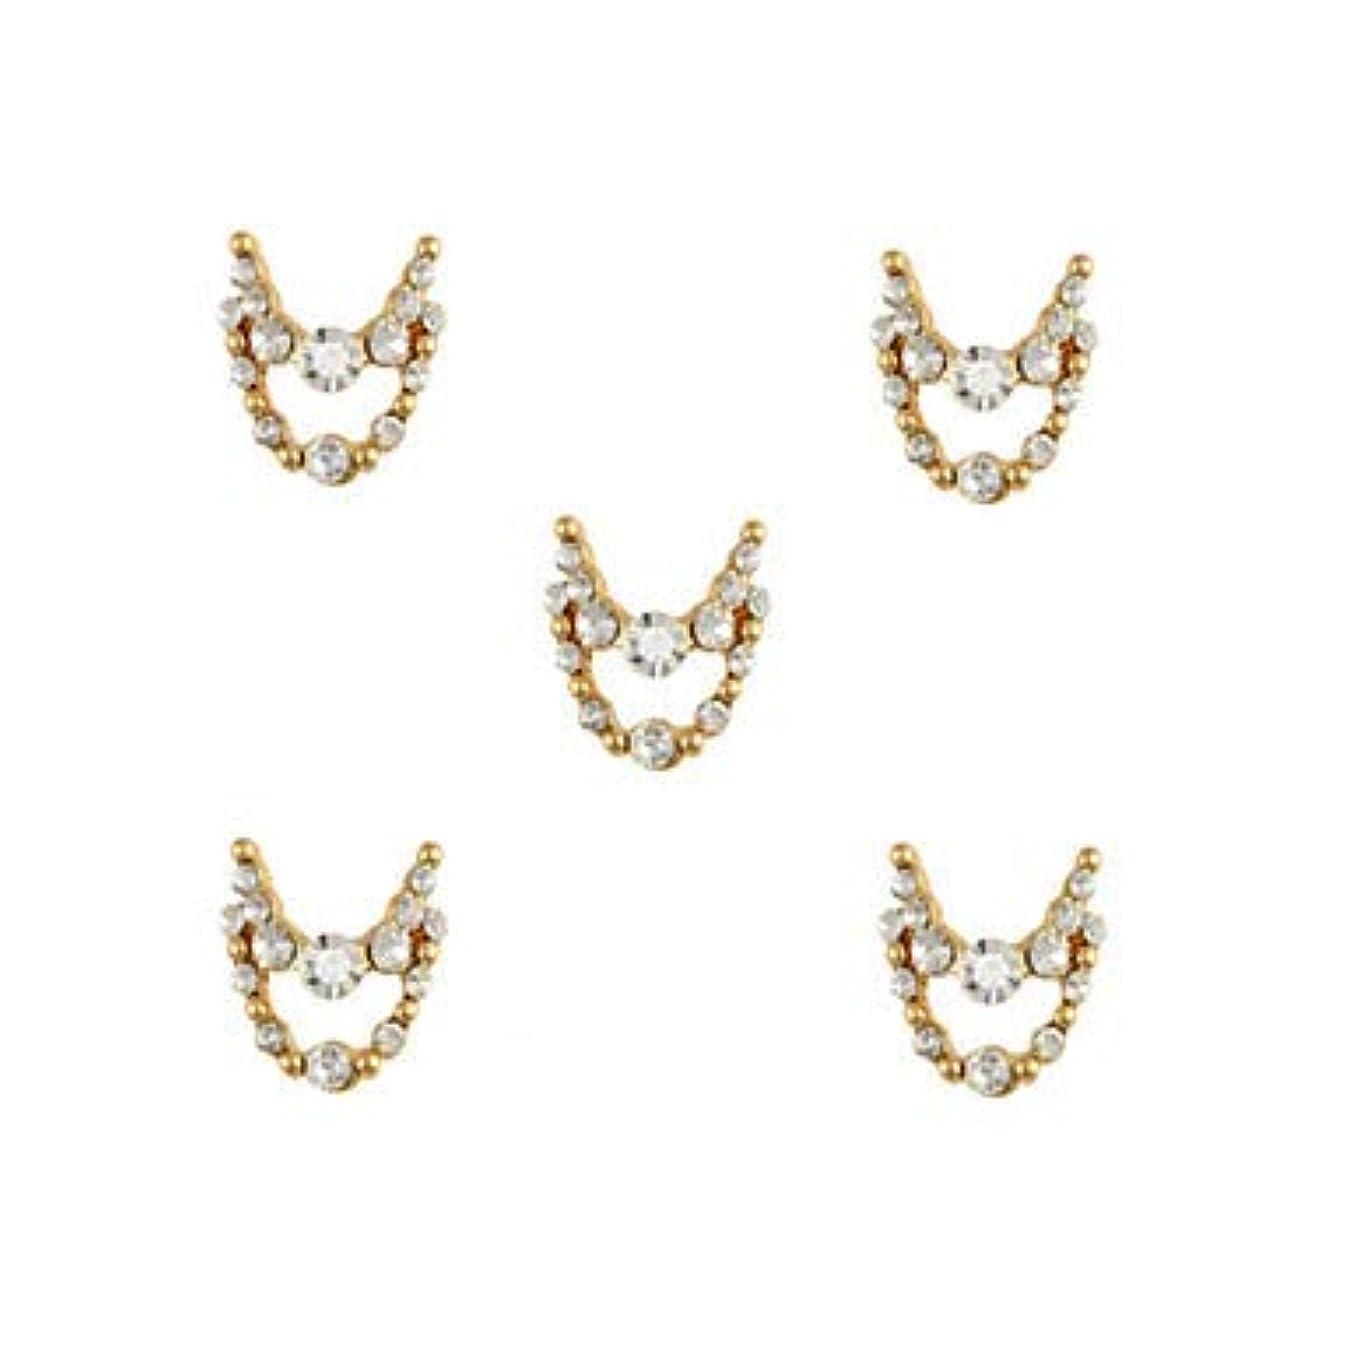 ベックスペット女優明確なラインストーン3dチャーム合金ネイルアートの装飾が付いている10個入りゴールドネックレスブラブラ